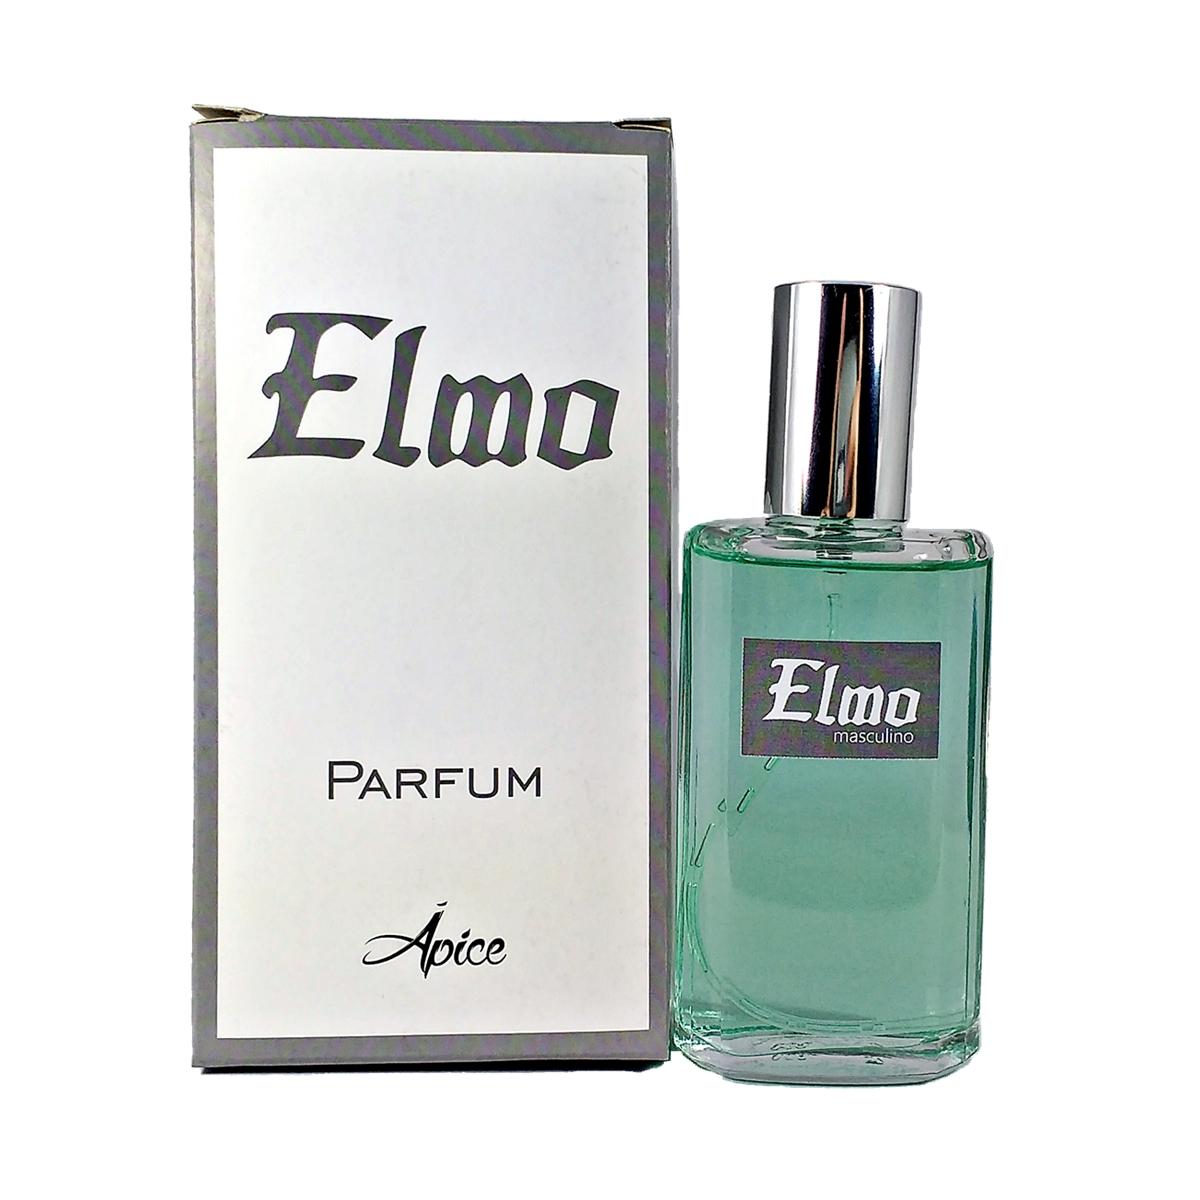 c1f6693d9b7 Perfume Fragrância Bleu De Chanel Masculino Fixação 65ml no Elo7 ...